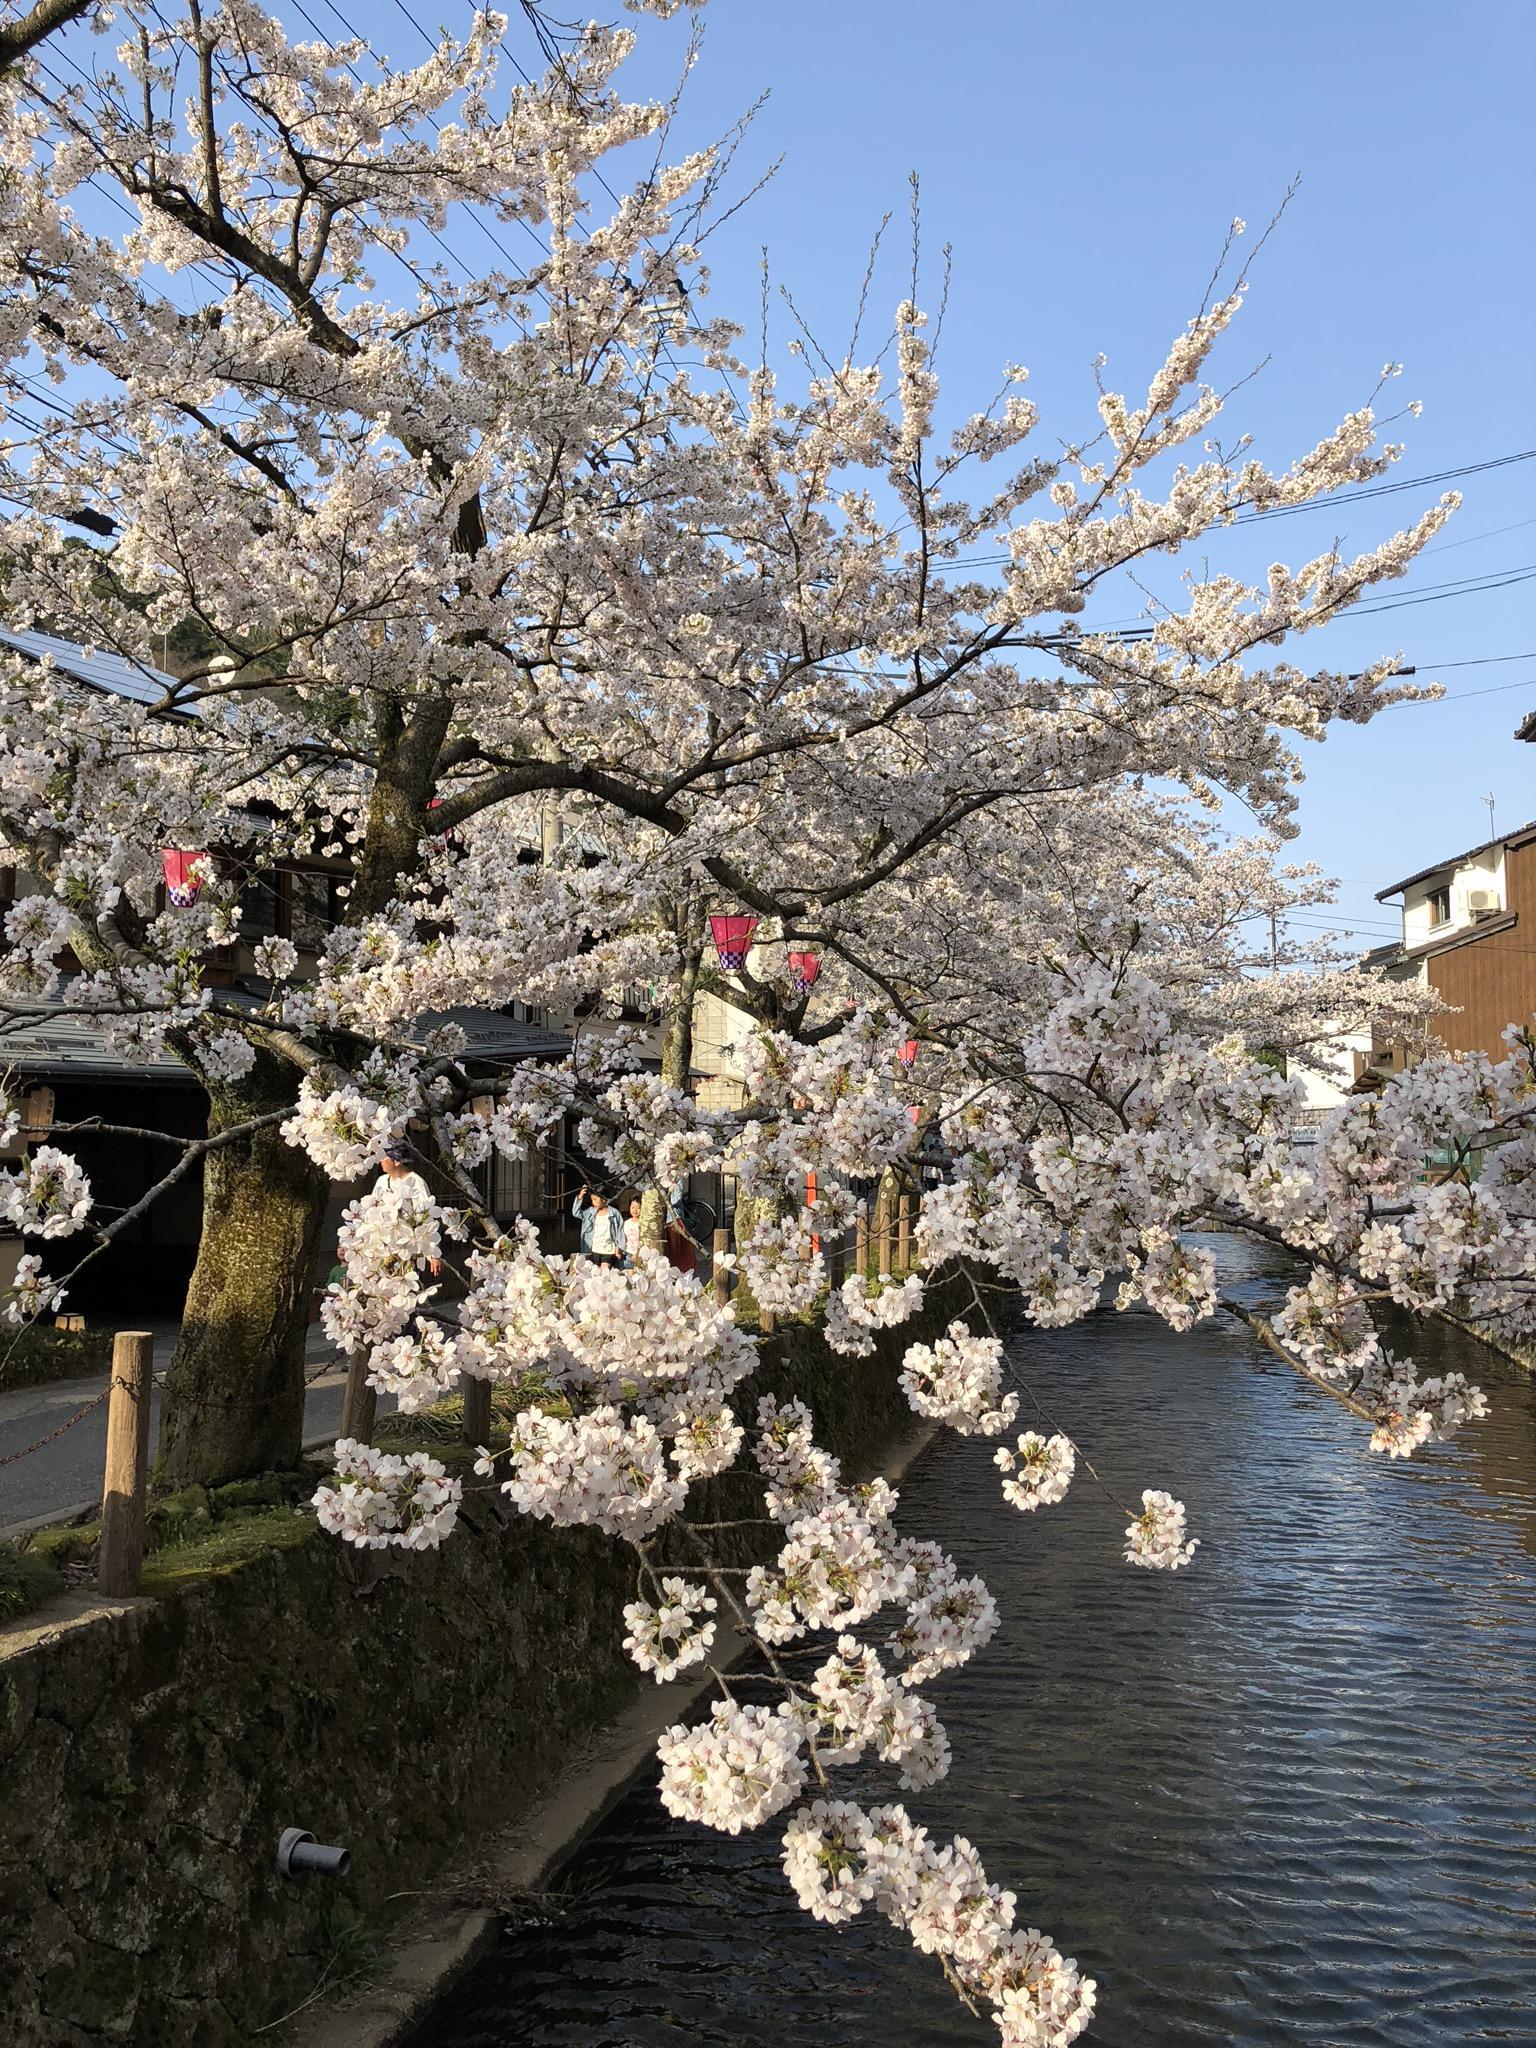 https://www.kinosaki-tajimaya.co.jp/wakadanna/19d9aeda50363e33e36276d30fea2fb51c891f90.jpg